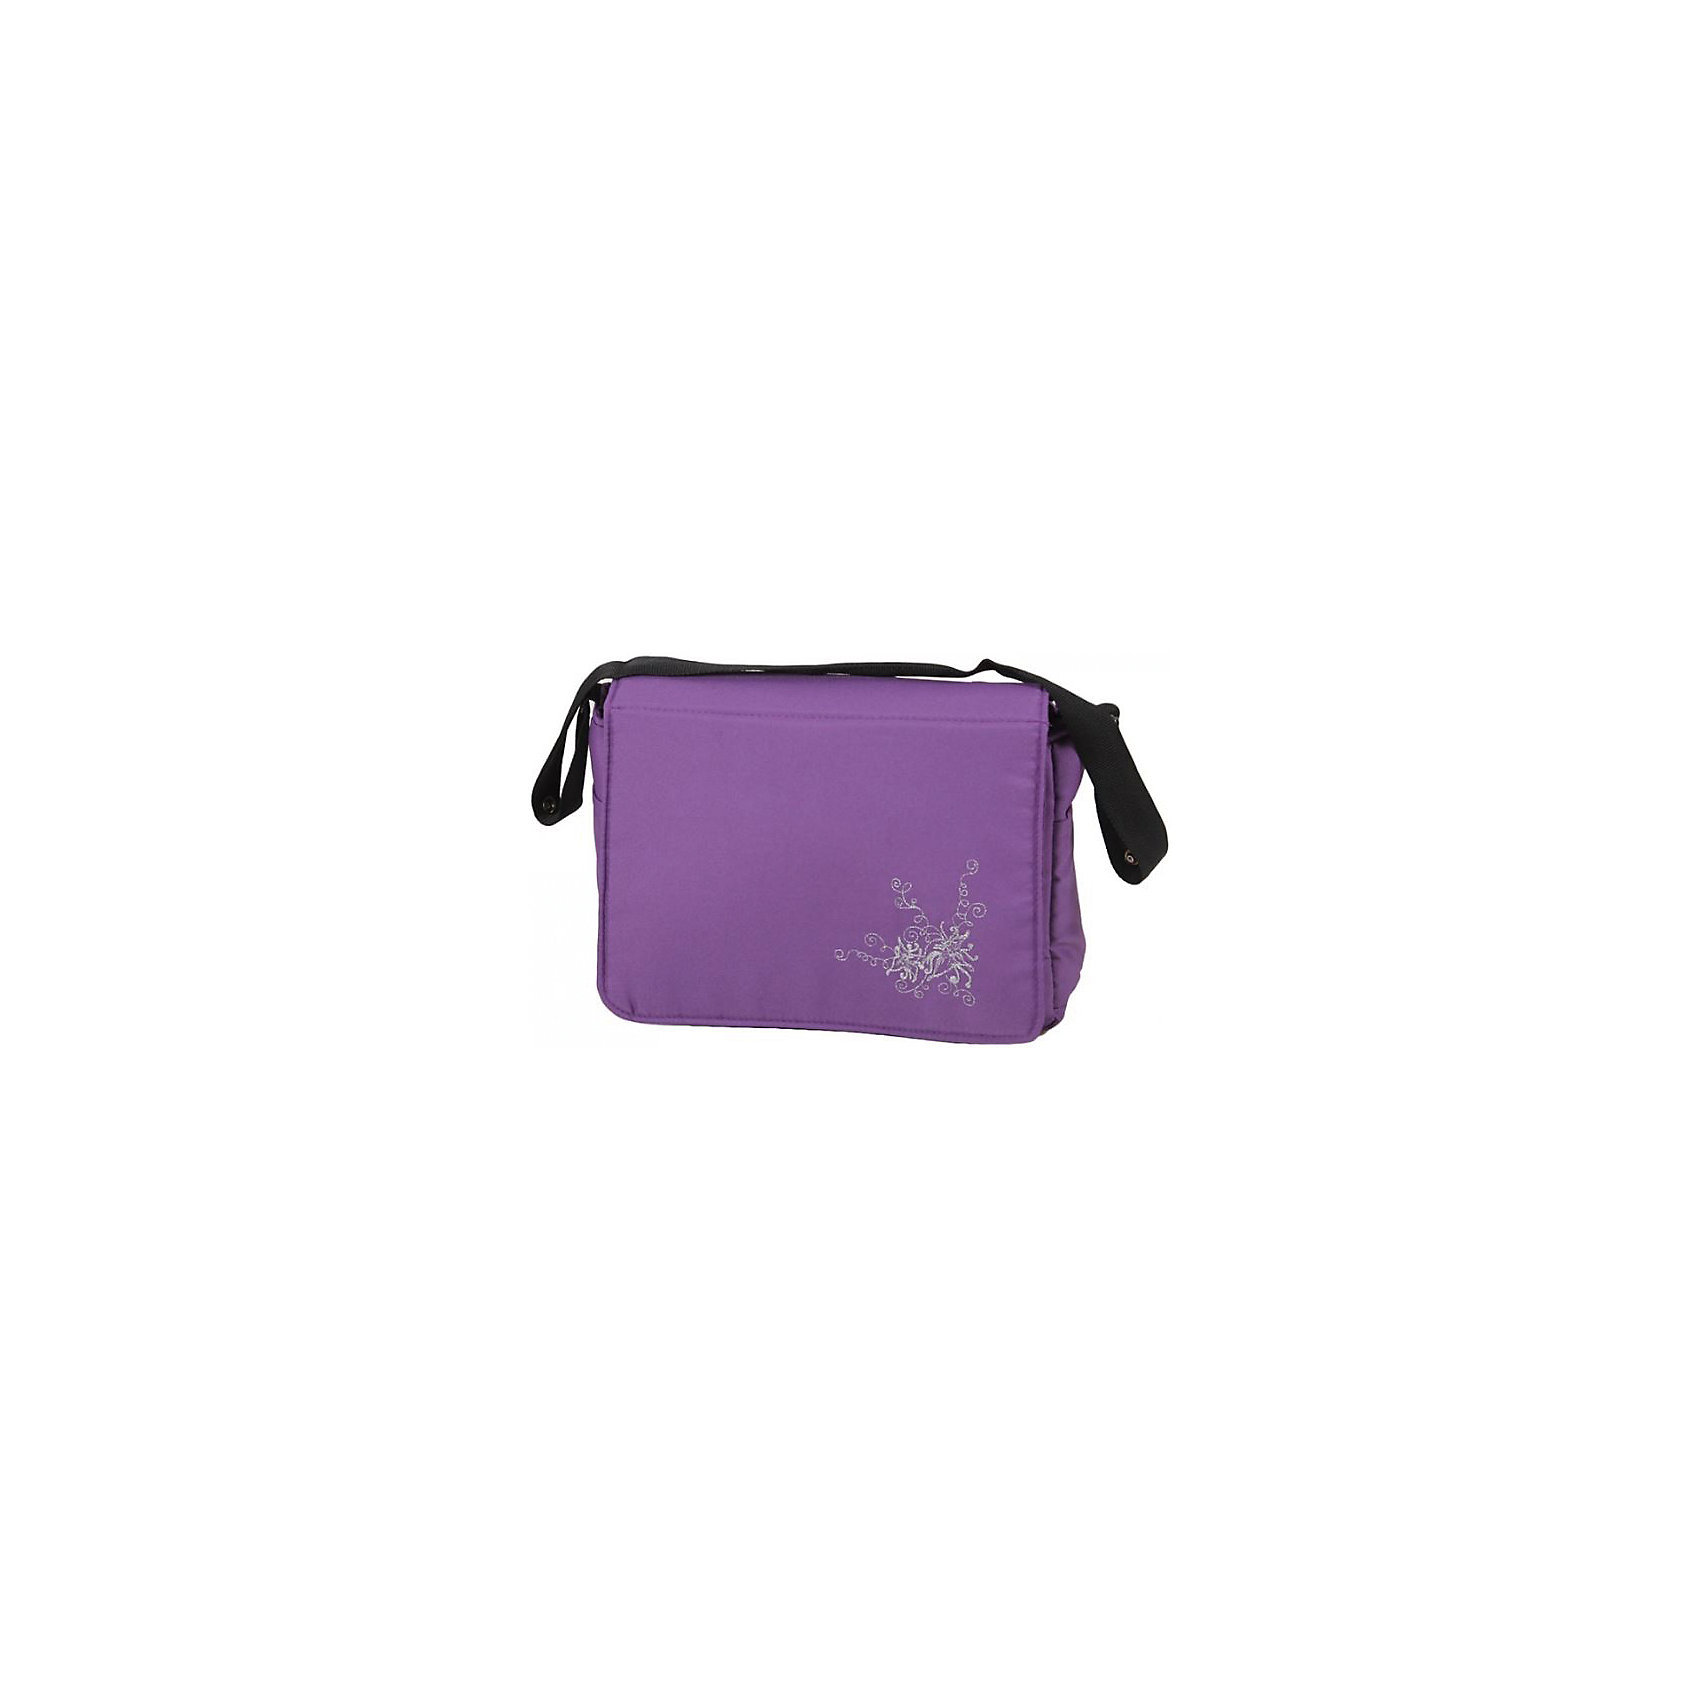 Сумка для мамы с матрасиком АЛИСА, Лео, сиреневыйУдобная качественная сумка создана специально для мам. Она позволяет с удобством разместить все необходимые малышу вещи. На сумке - удобный широкий ремень для переноски. Она крепится на коляску с помощью кнопок. В комплекте - матрасик для ухода за ребенком.<br>Сумка сшита из непромокаемого материала. Модель  - очень удобная и прочная. Изделие произведено из качественных и безопасных для малышей материалов, оно соответствуют всем современным требованиям безопасности.<br> <br>Дополнительная информация:<br><br>цвет: сиреневый;<br>материал: текстиль;<br>оснащена ремнем для переноски;<br>в комплекте - матрасик;<br>материал непромокаемый;<br>к коляске крепится кнопками;<br>вес: 0.35 кг.<br><br>Сумку для мамы Алиса, сиреневый, от компании Лео можно купить в нашем магазине.<br><br>Ширина мм: 350<br>Глубина мм: 280<br>Высота мм: 120<br>Вес г: 350<br>Возраст от месяцев: 0<br>Возраст до месяцев: 36<br>Пол: Унисекс<br>Возраст: Детский<br>SKU: 4720085